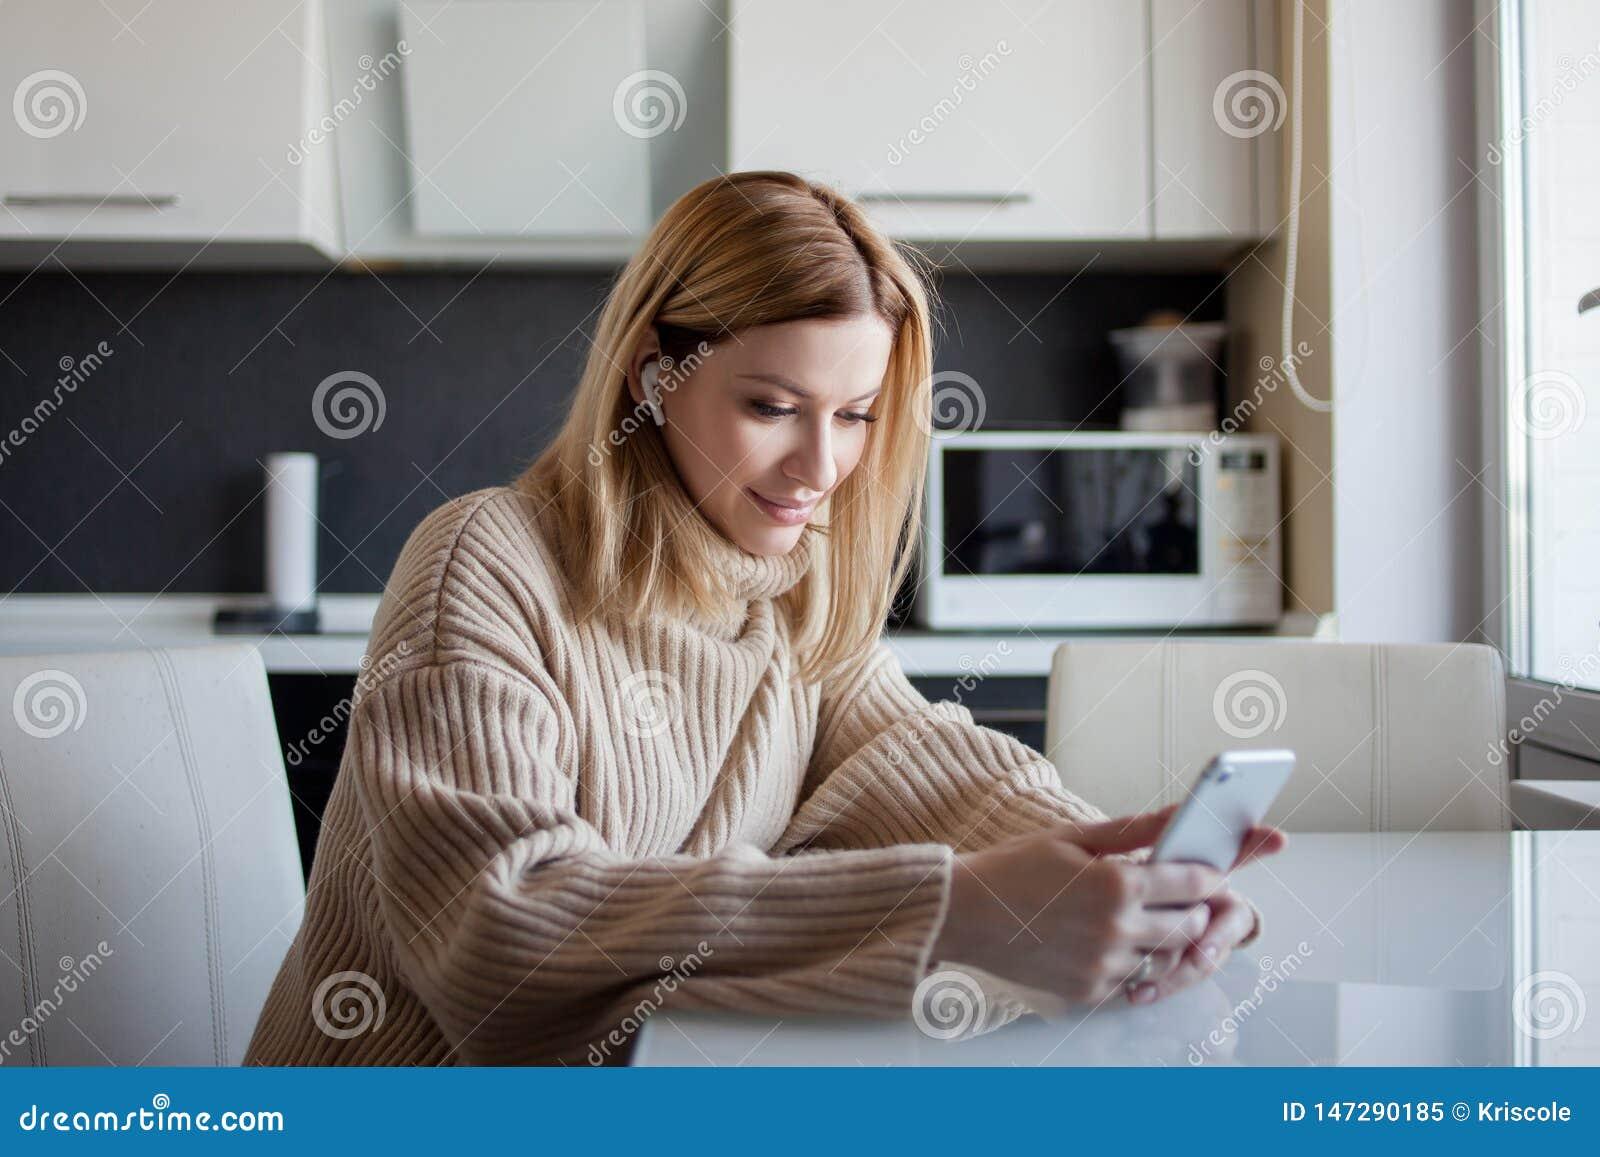 De mooie jonge vrouw in een comfortabele sweaterzitting in de keuken gebruikt de abonnementsdiensten en media toepassingen